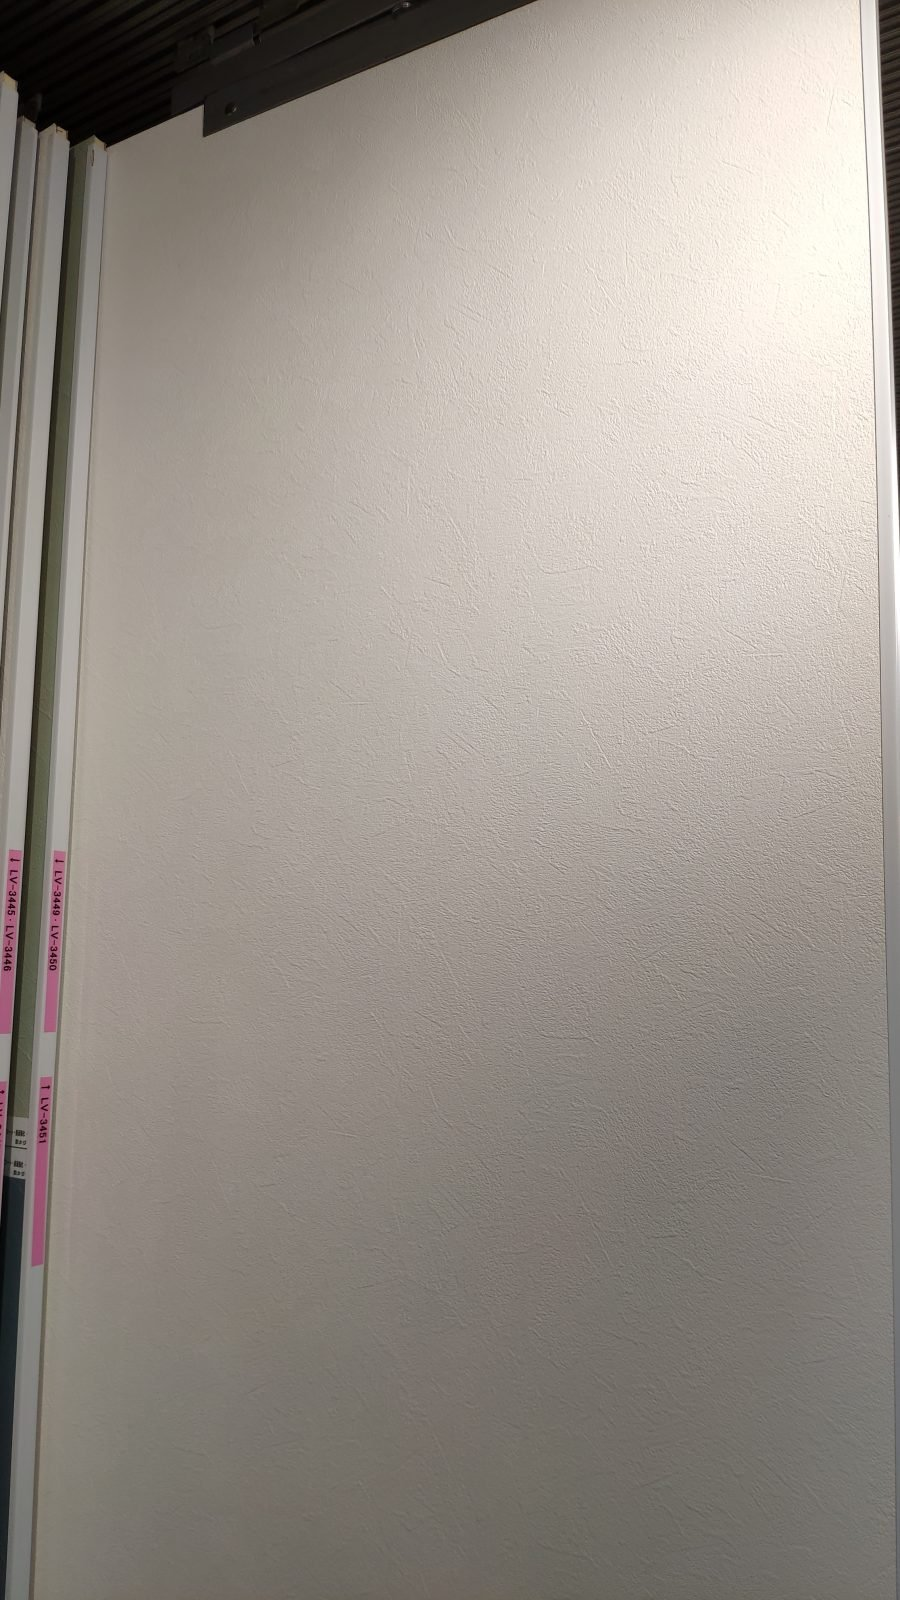 LTS435(リリカラ東京ショールームで撮影)